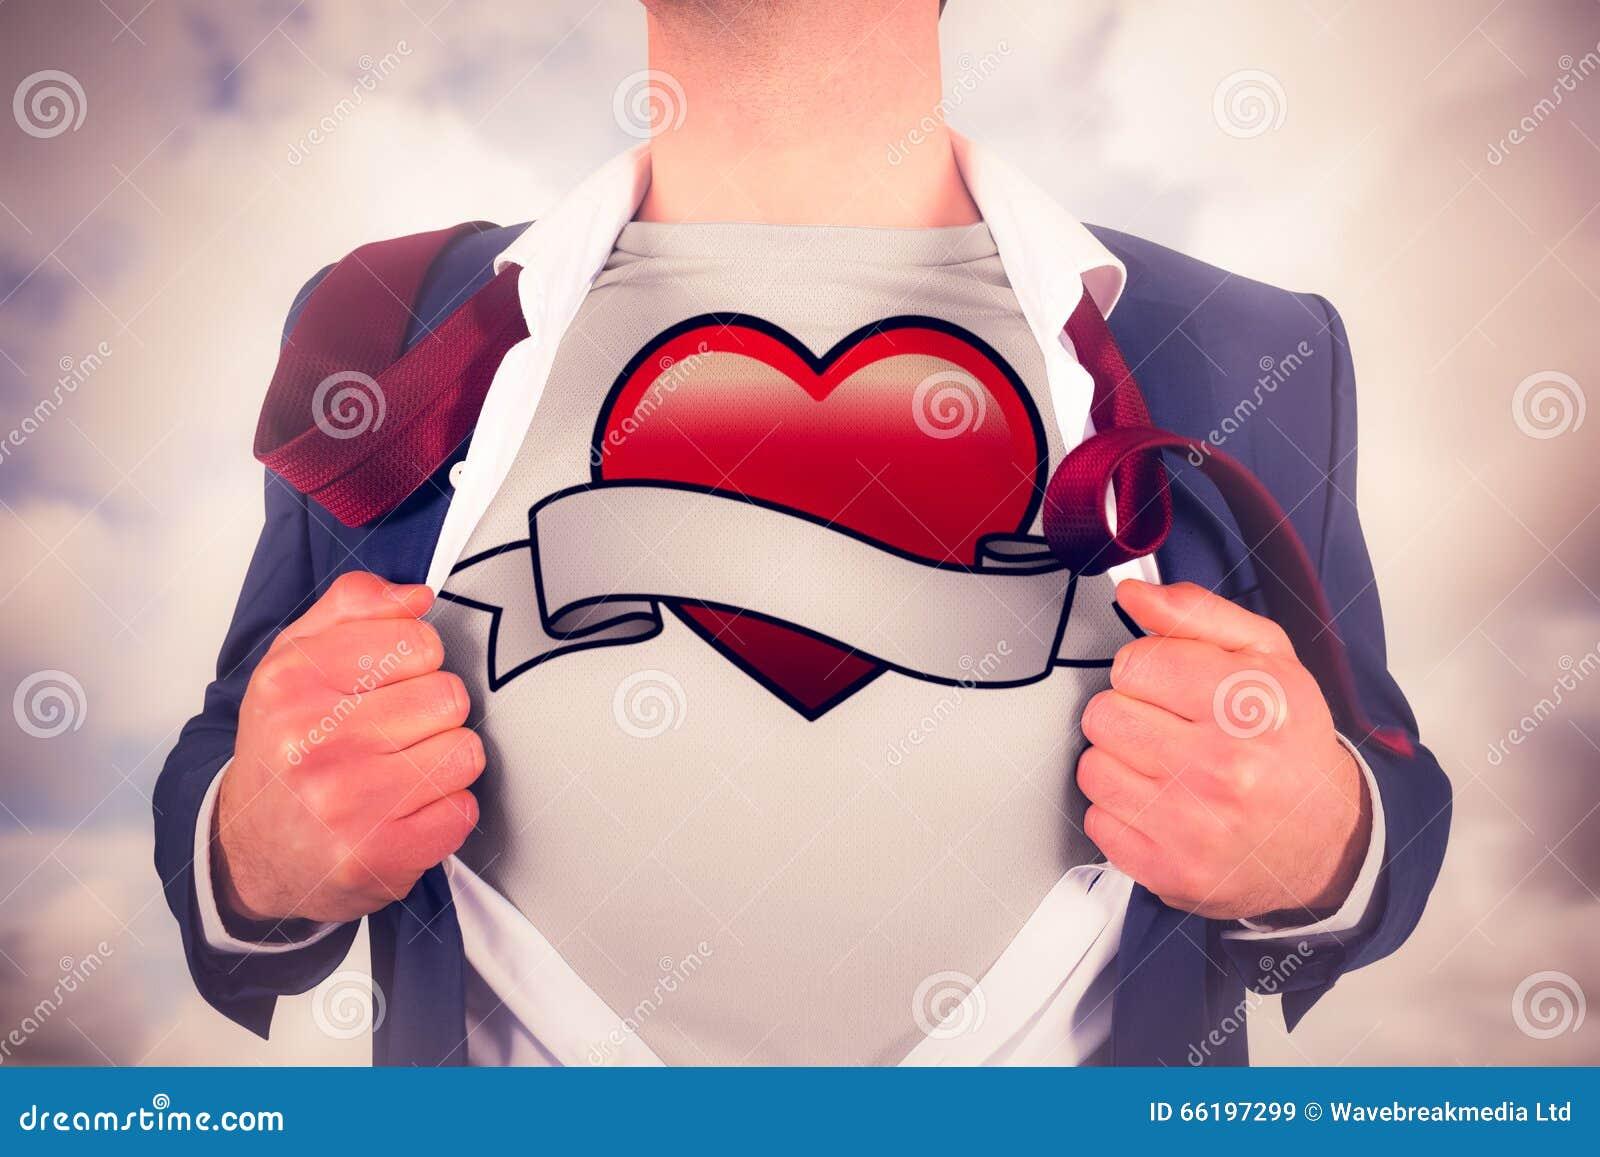 Imagem composta da camisa da abertura do homem de negócios no estilo do super-herói